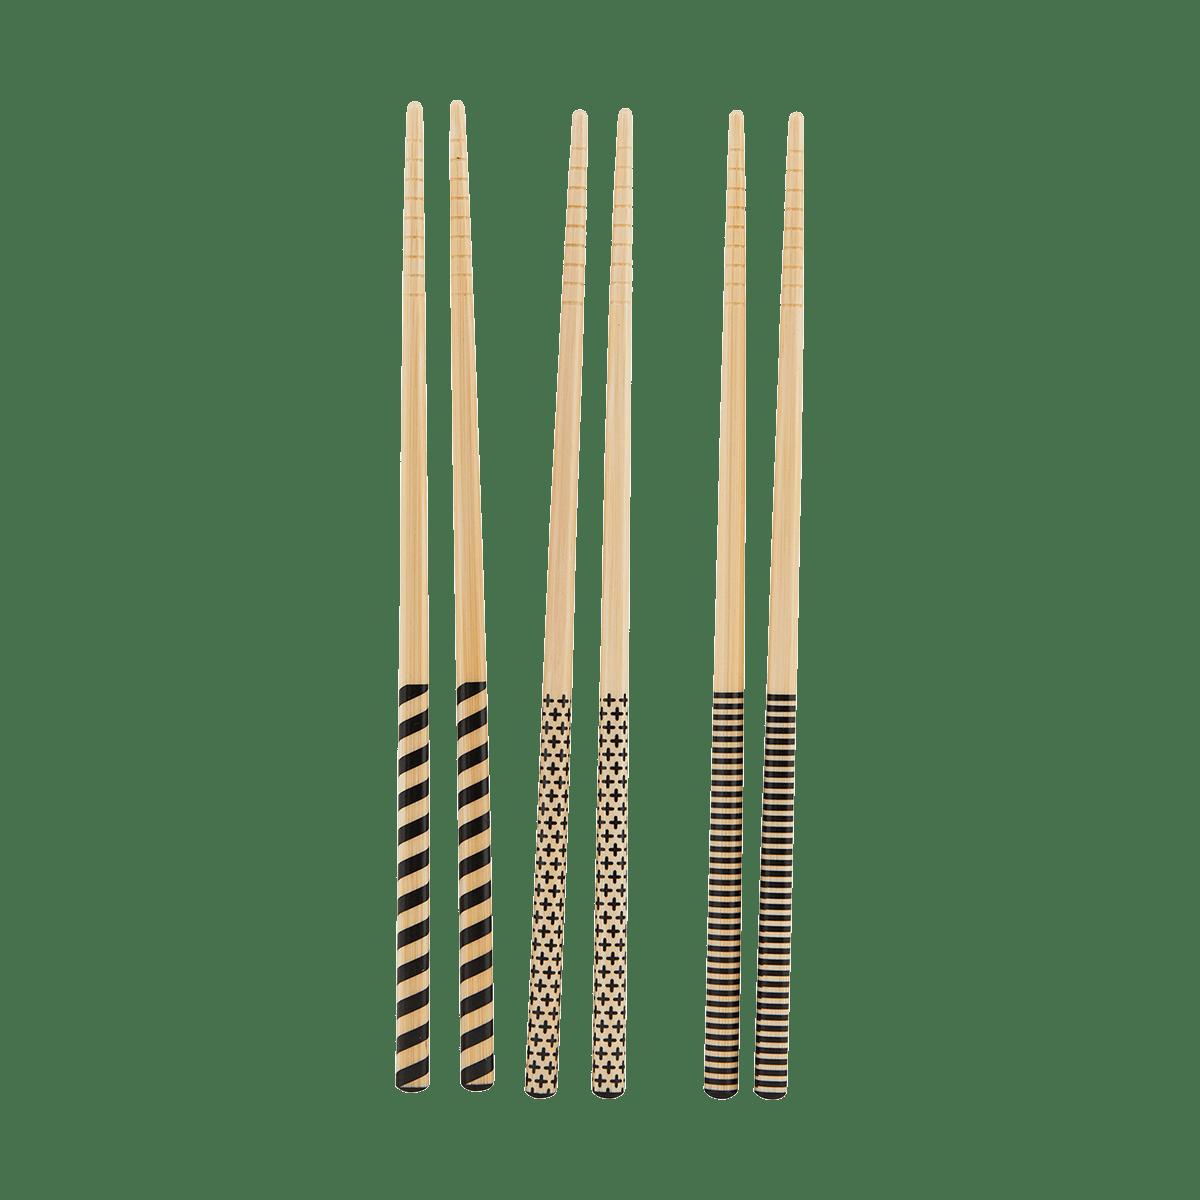 Jídelní hůlky 3D